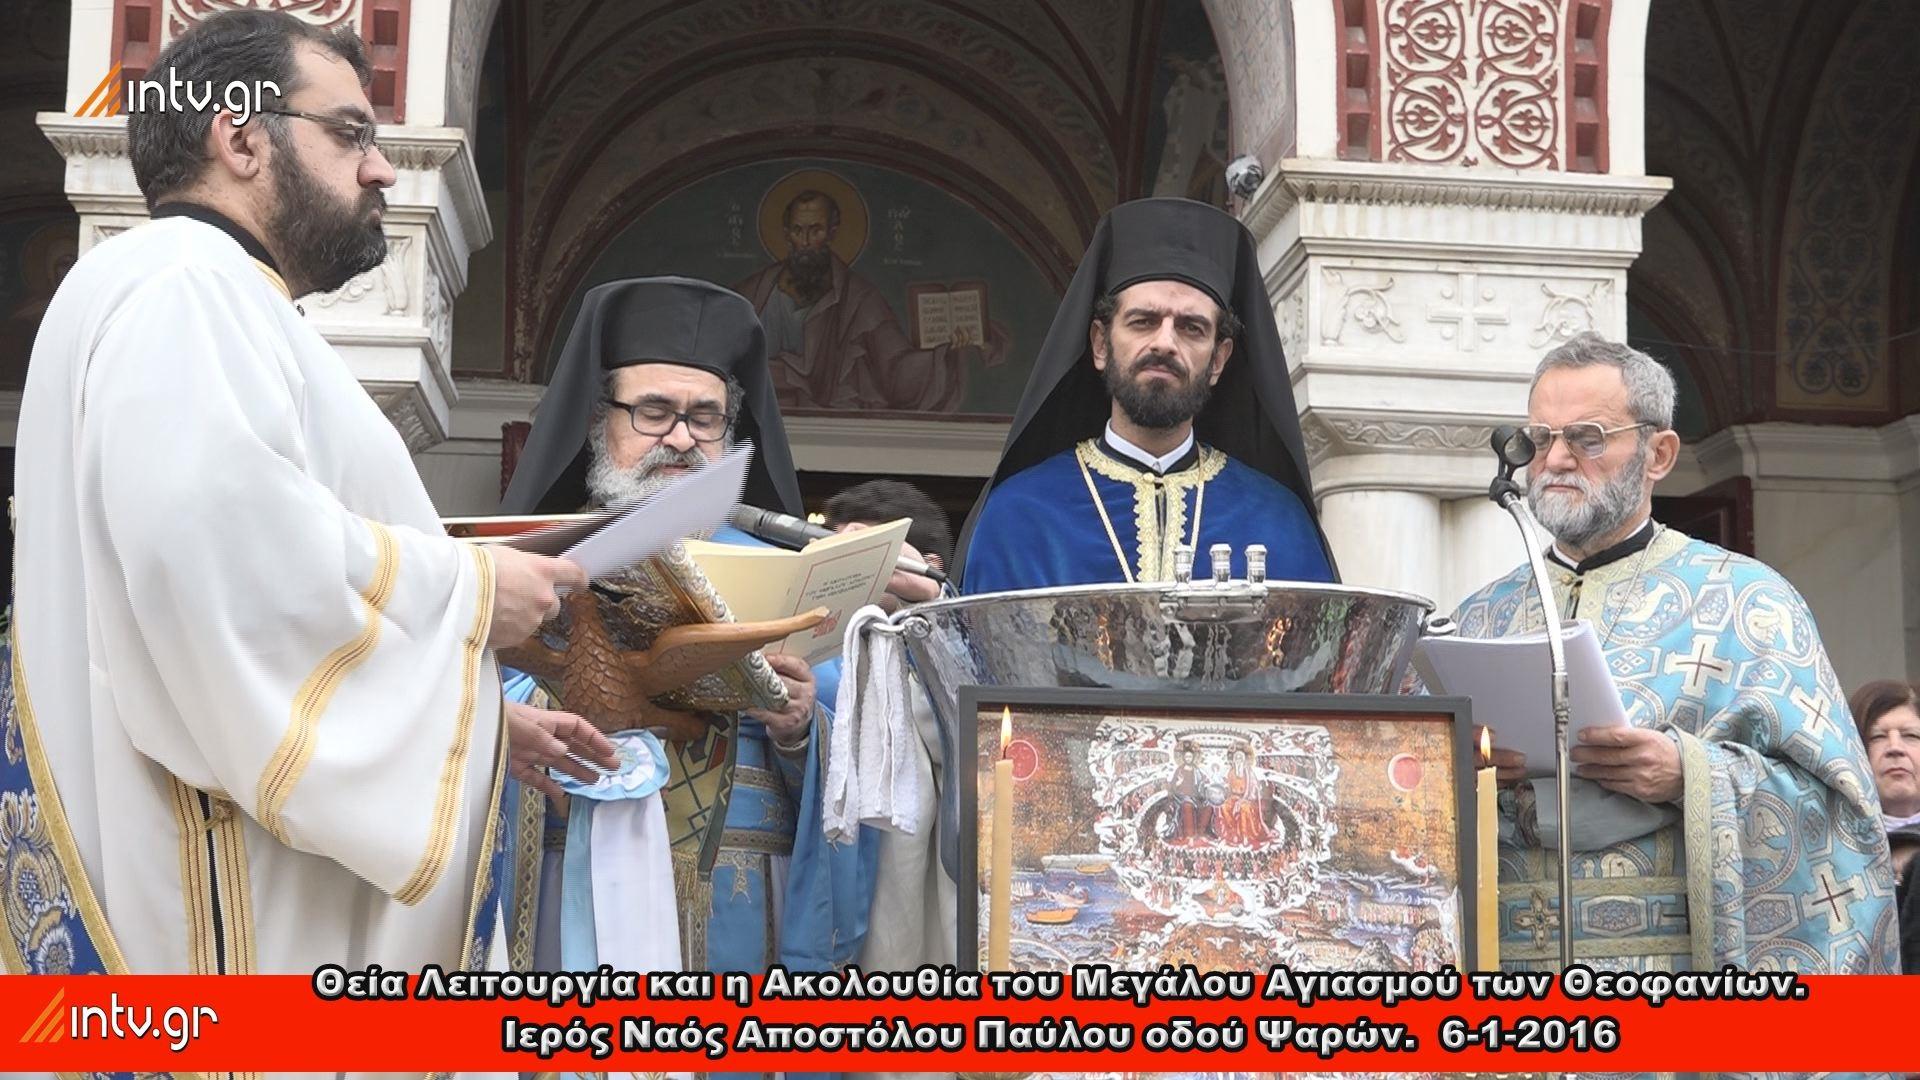 Θεία Λειτουργία και η Ακολουθία του Μεγάλου Αγιασμού των Θεοφανίων. Ιερός Ναός Αποστόλου Παύλου οδού Ψαρών